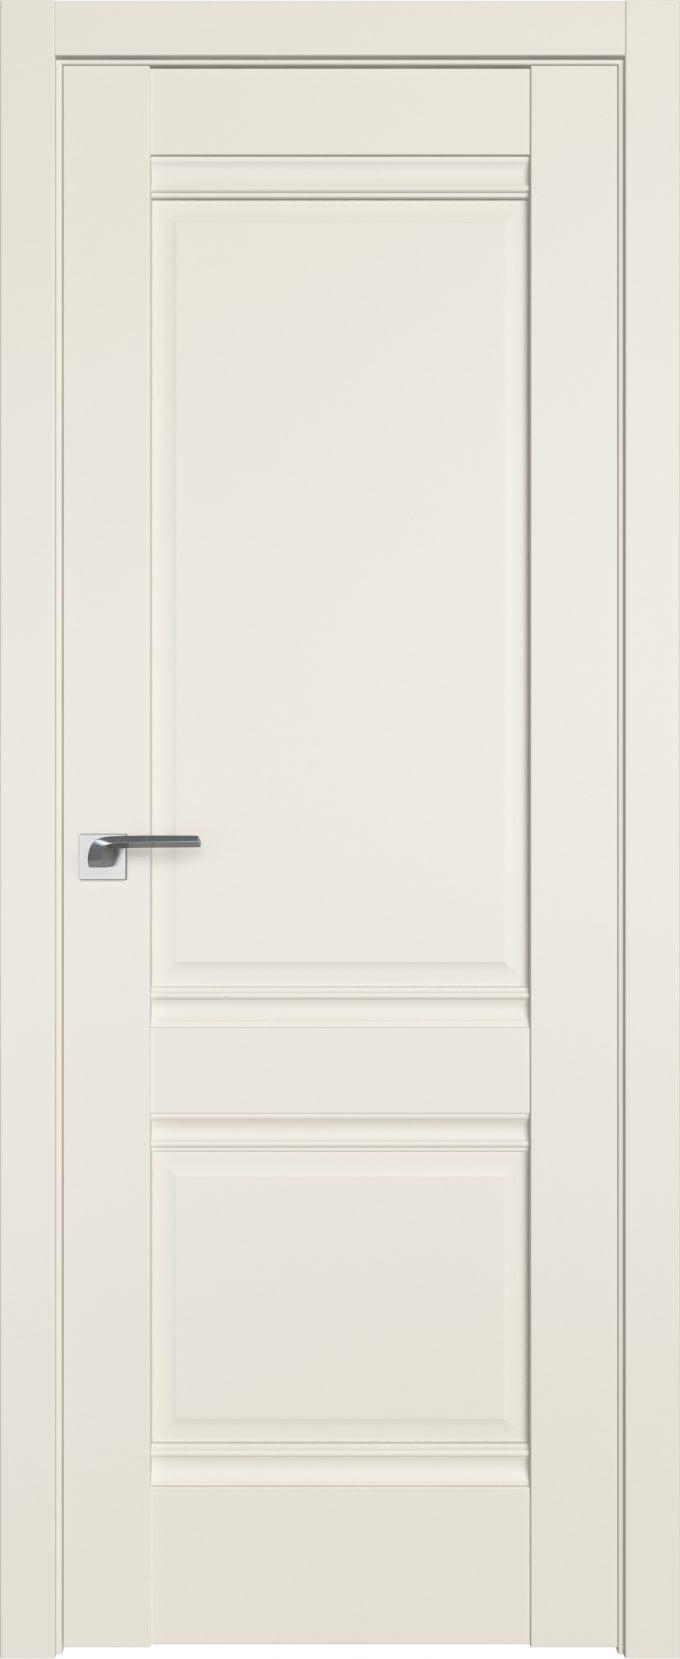 Межкомнатные двери 1U Магнолия Сатинат